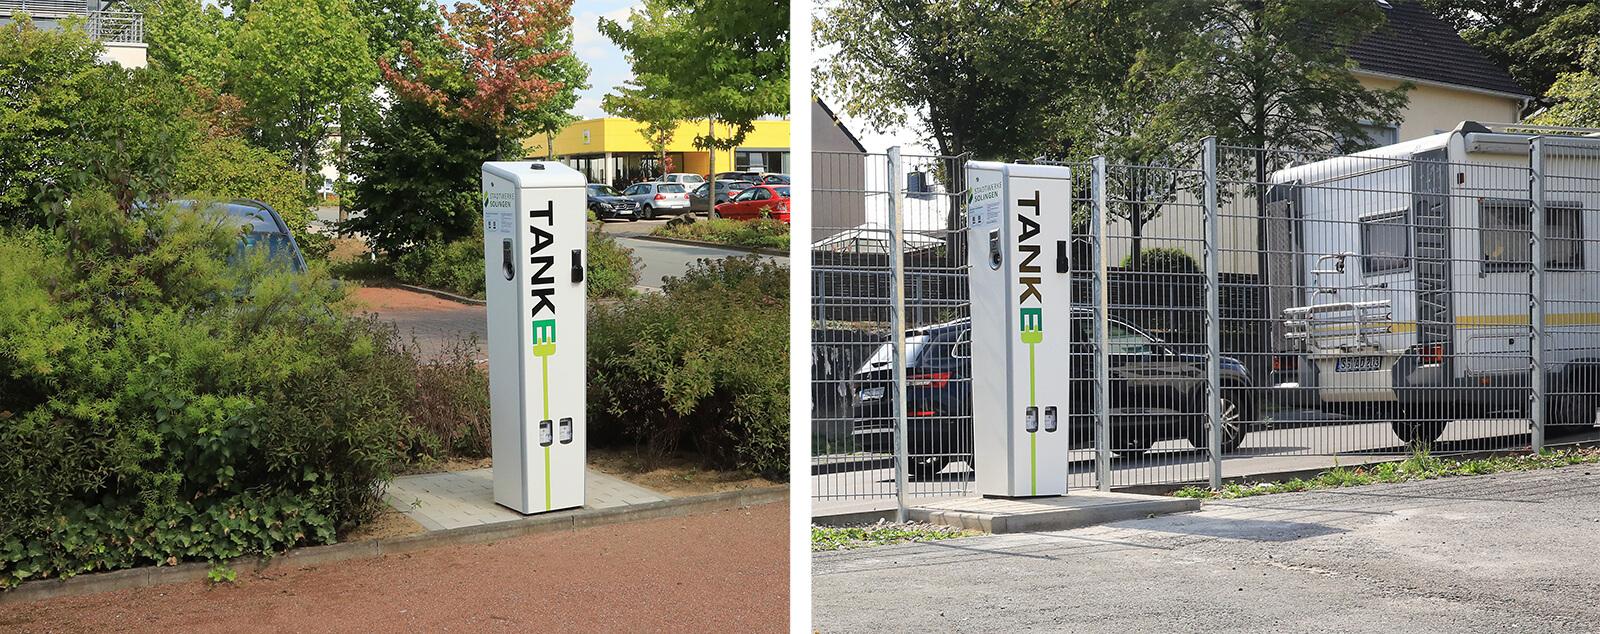 Tanke-Ladestationen von den TBS in Solingen